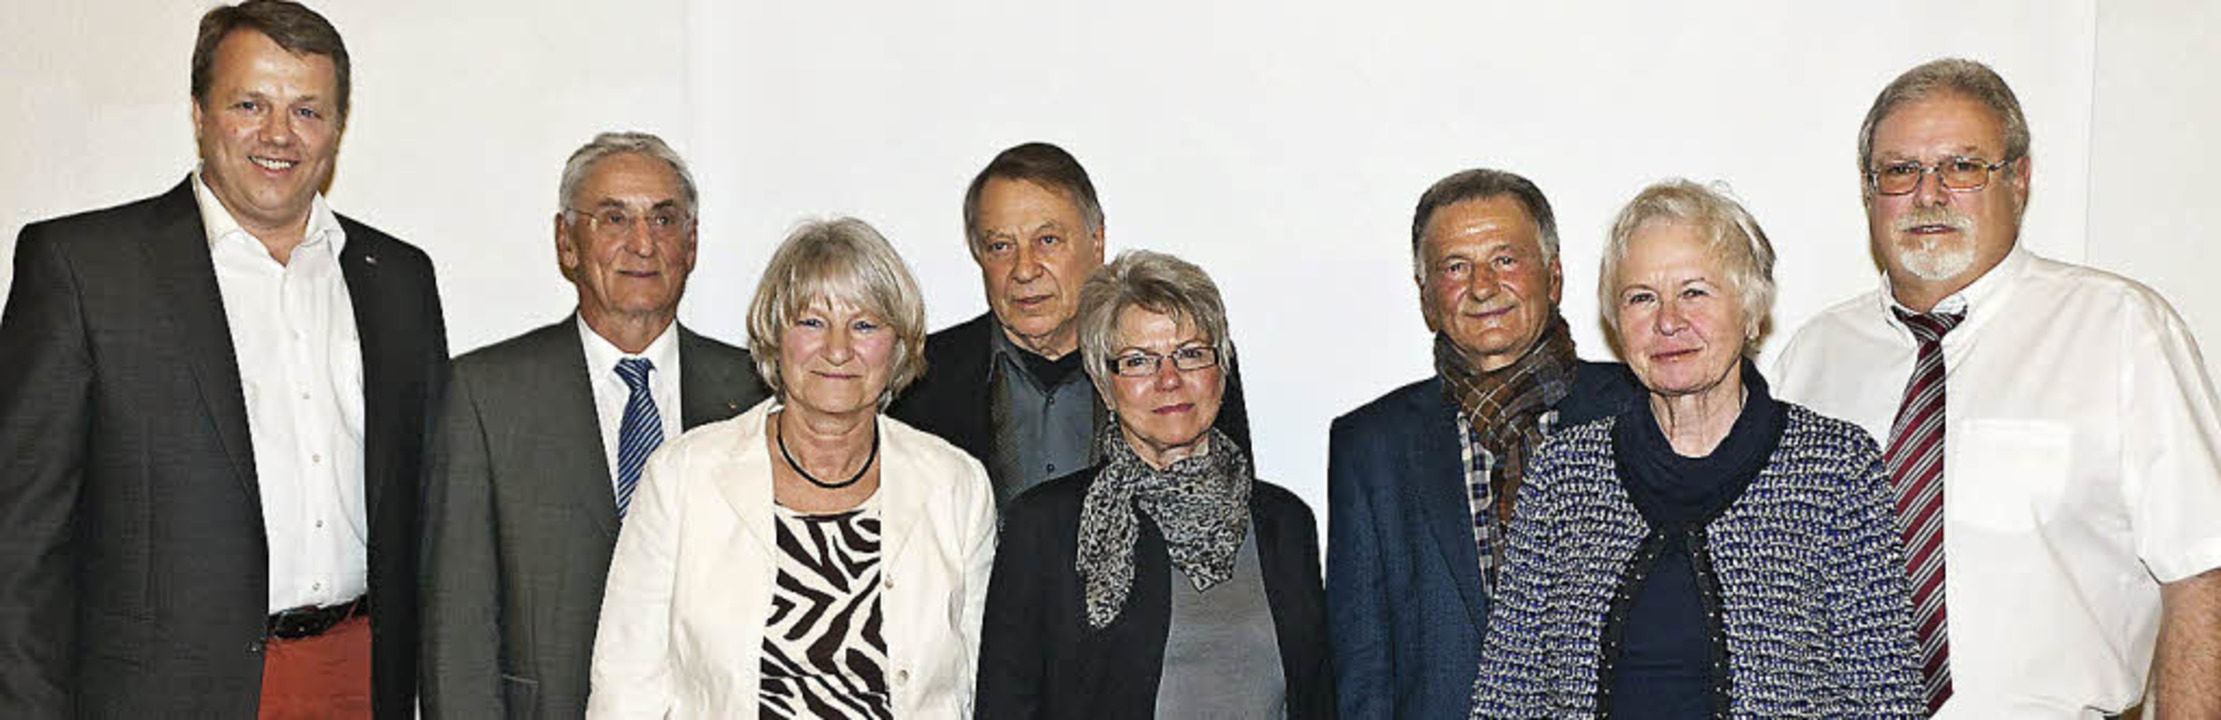 Turnverein Neuenburg